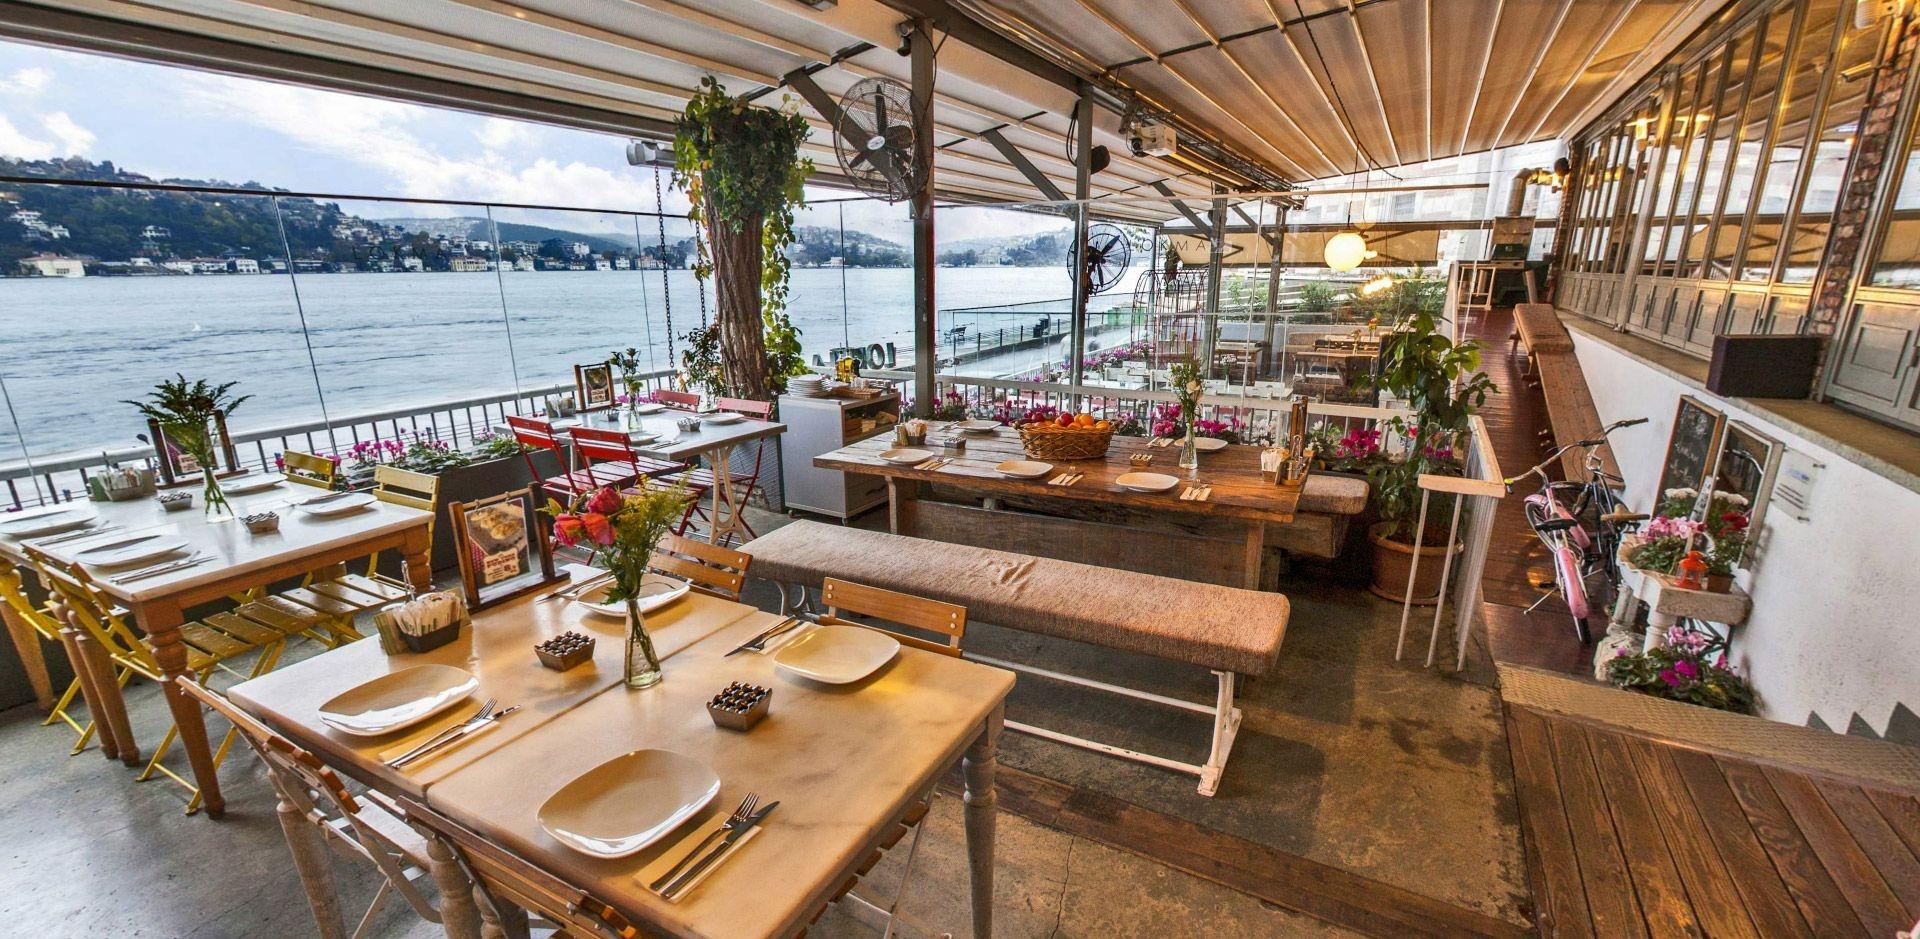 تركيا اسطنبول اهم اماكن التسوق والمطاعم مطعم لقمة